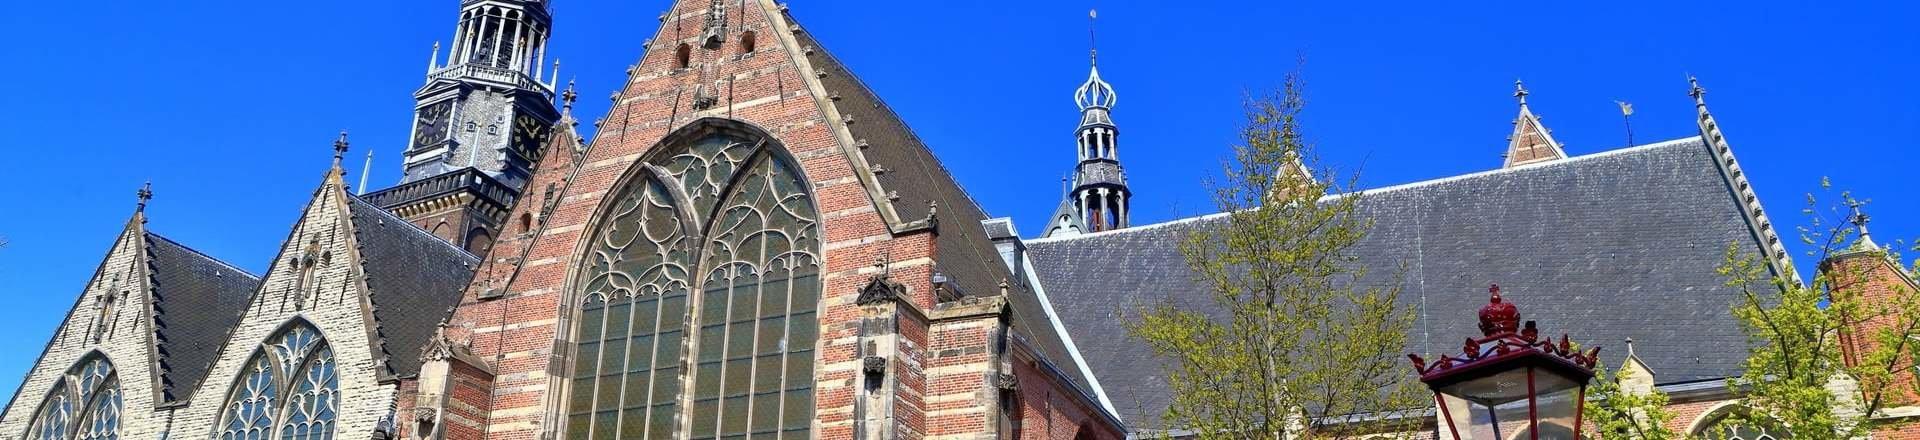 Hotel economici a amsterdam a partire da 38 destinia for Amsterdam ostelli economici centro